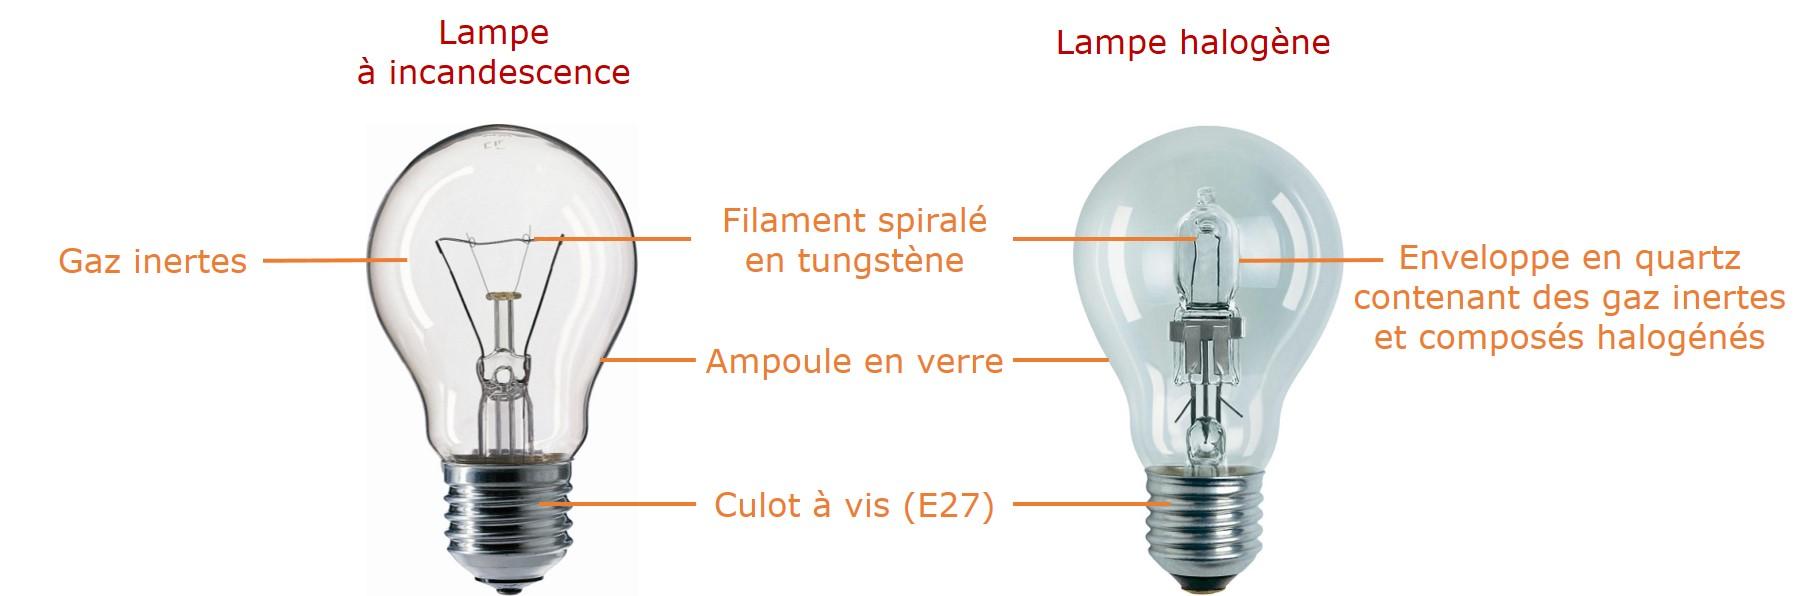 lampe incandescence quel gaz pour le filament en tungst ne light zoom lumi re portail. Black Bedroom Furniture Sets. Home Design Ideas